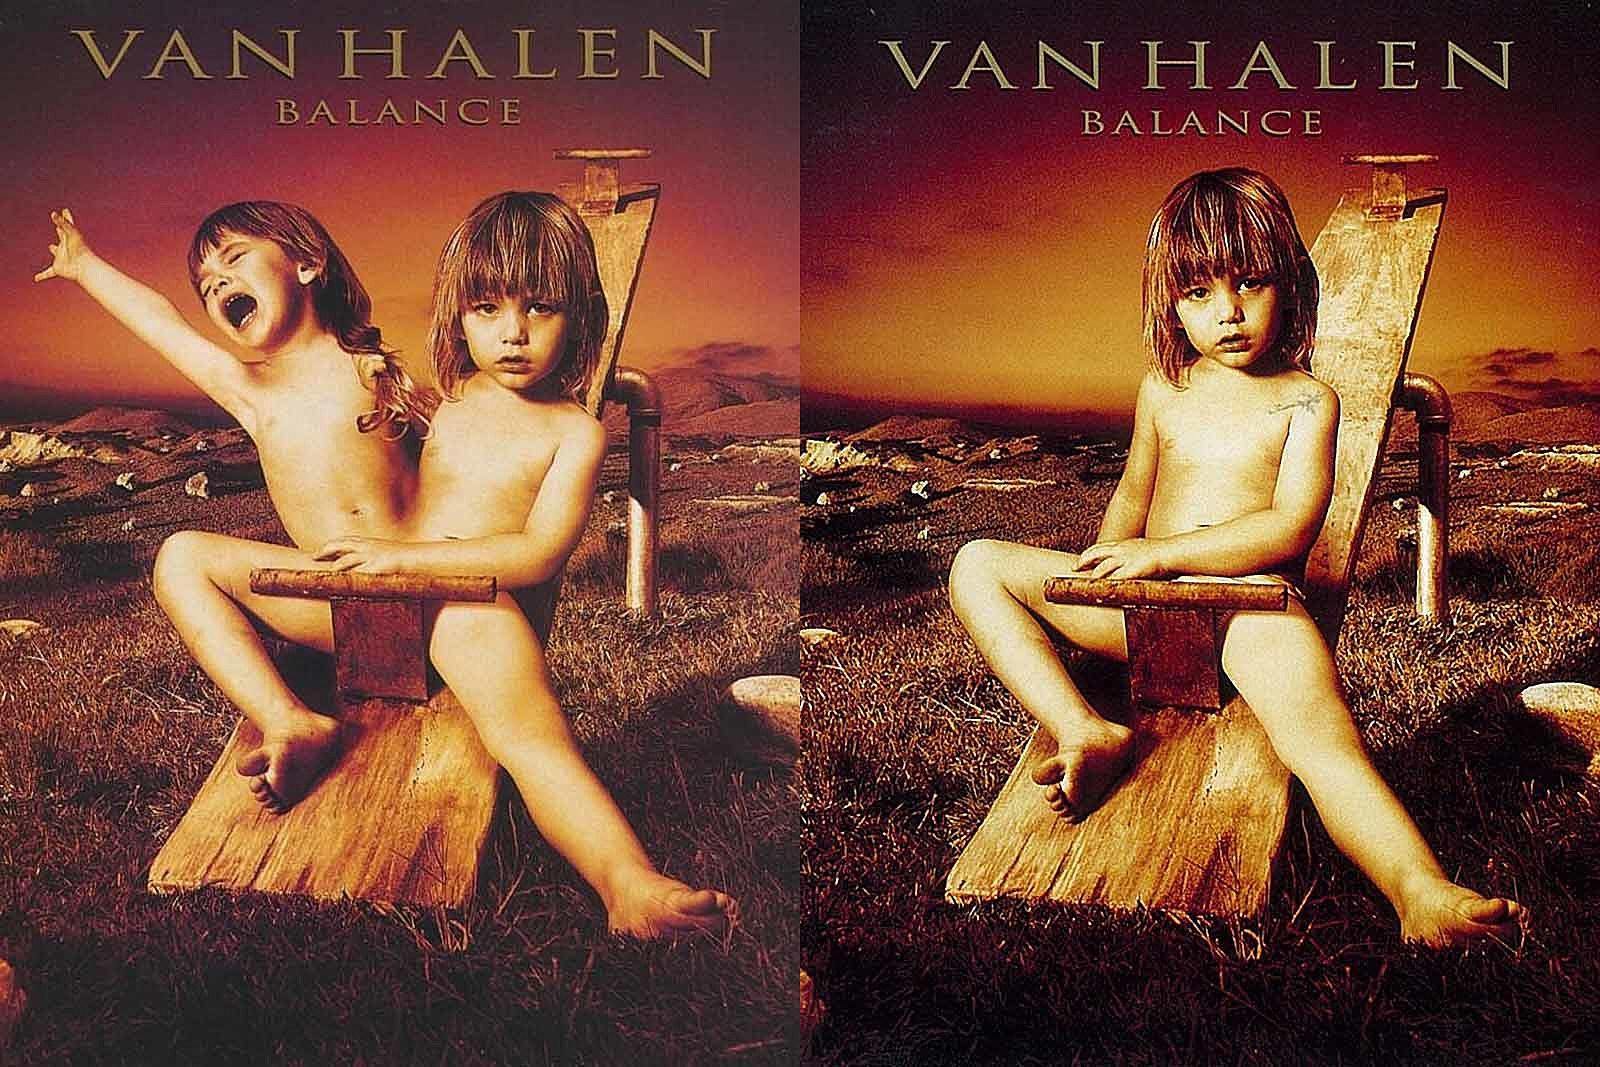 How Van Halen's 'Balance' Album Art Foreshadowed the Band's Split